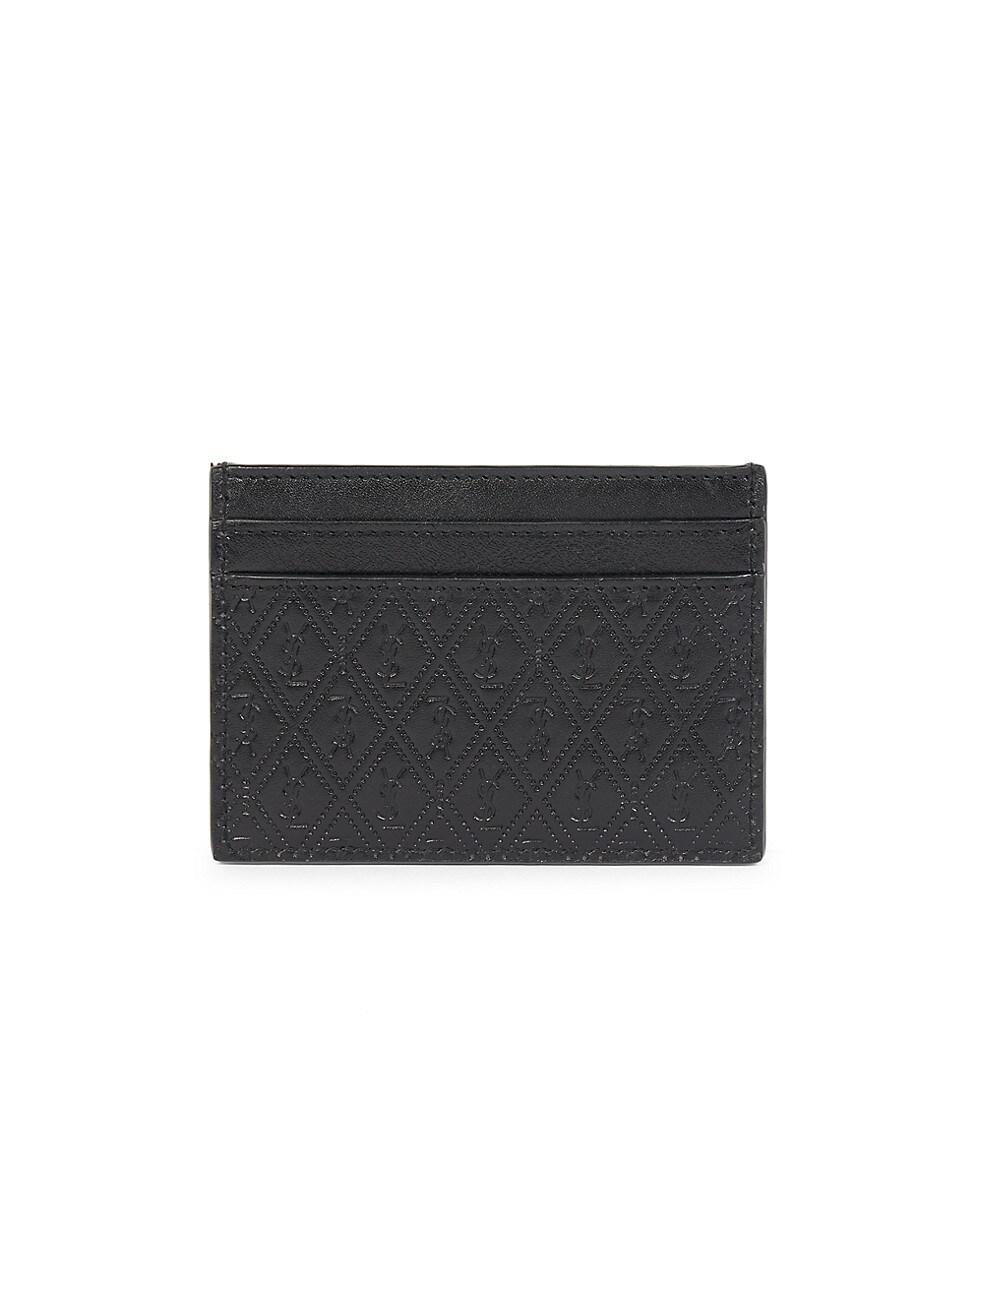 생 로랑 Saint Laurent Embossed Logo Leather Card Holder,NERO